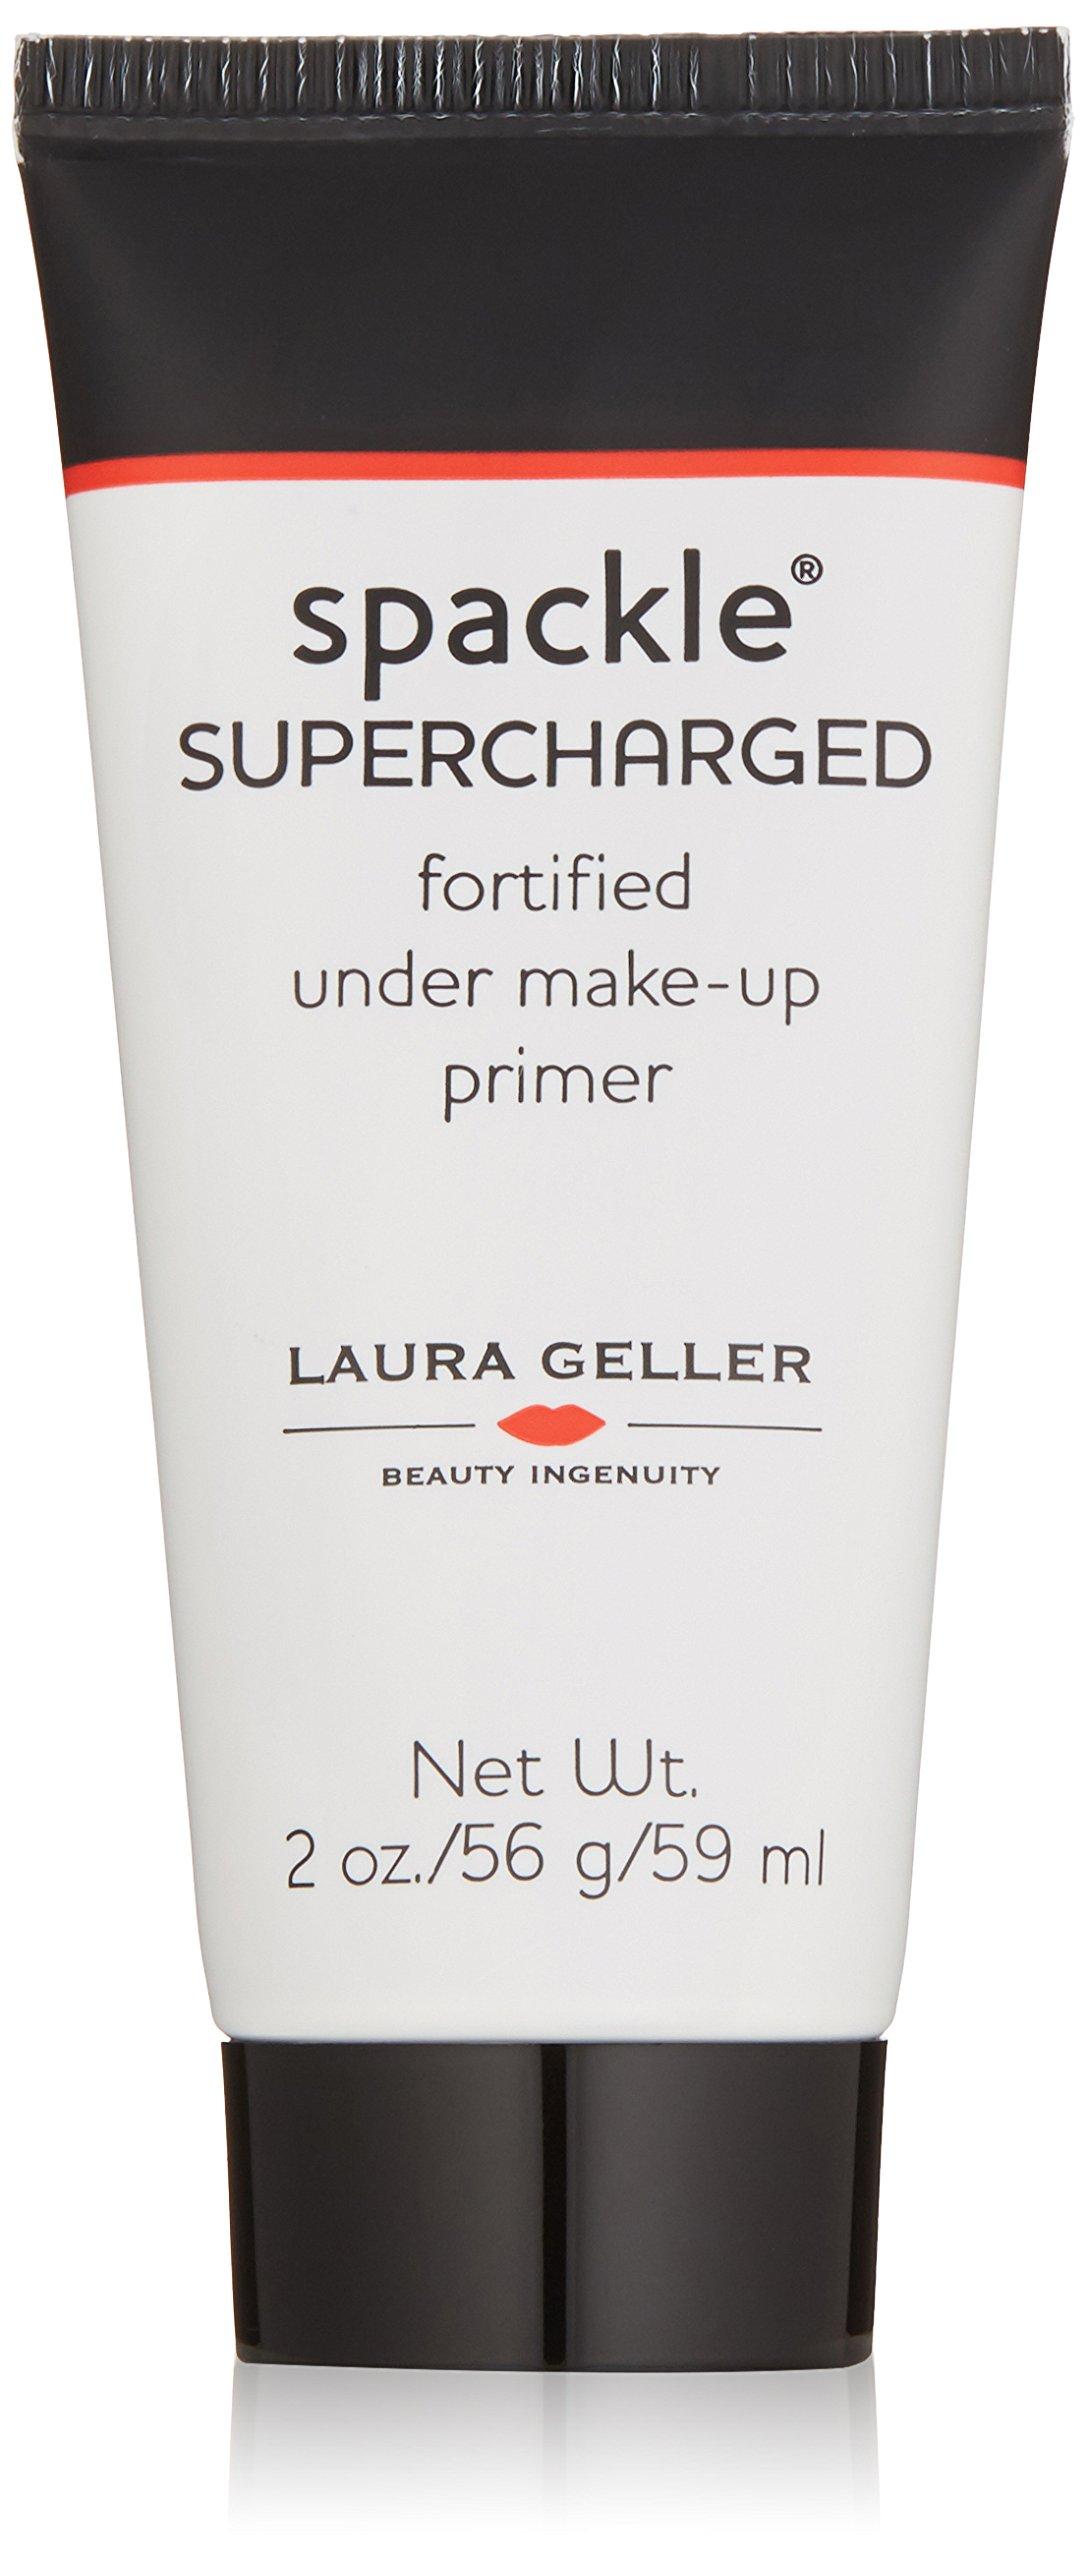 Laura Geller Spackle Under Make-Up Primer - Supercharged - 2 Oz by LAURA GELLER NEW YORK